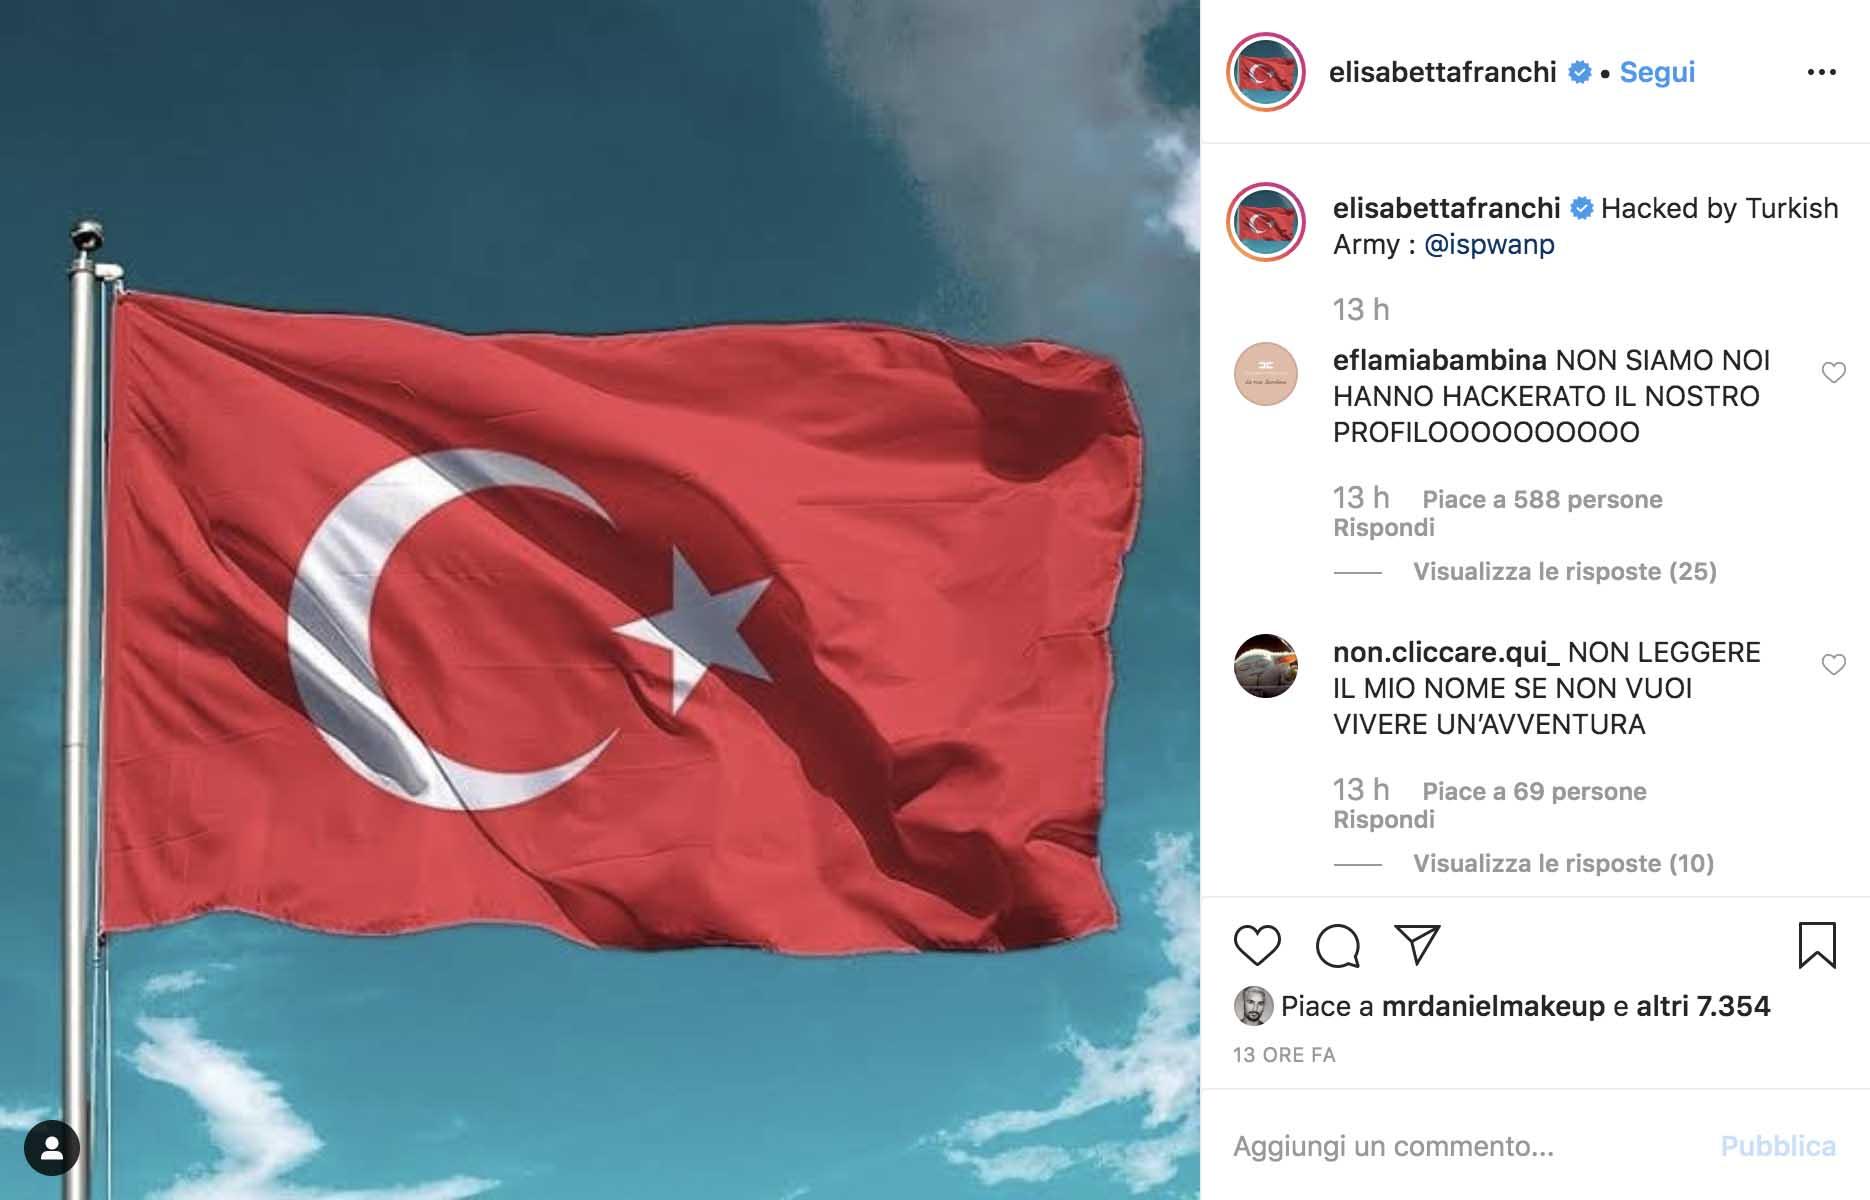 Il profilo Instagram di Elisabetta Franchi dopo aver subito l'attacco degli hacker